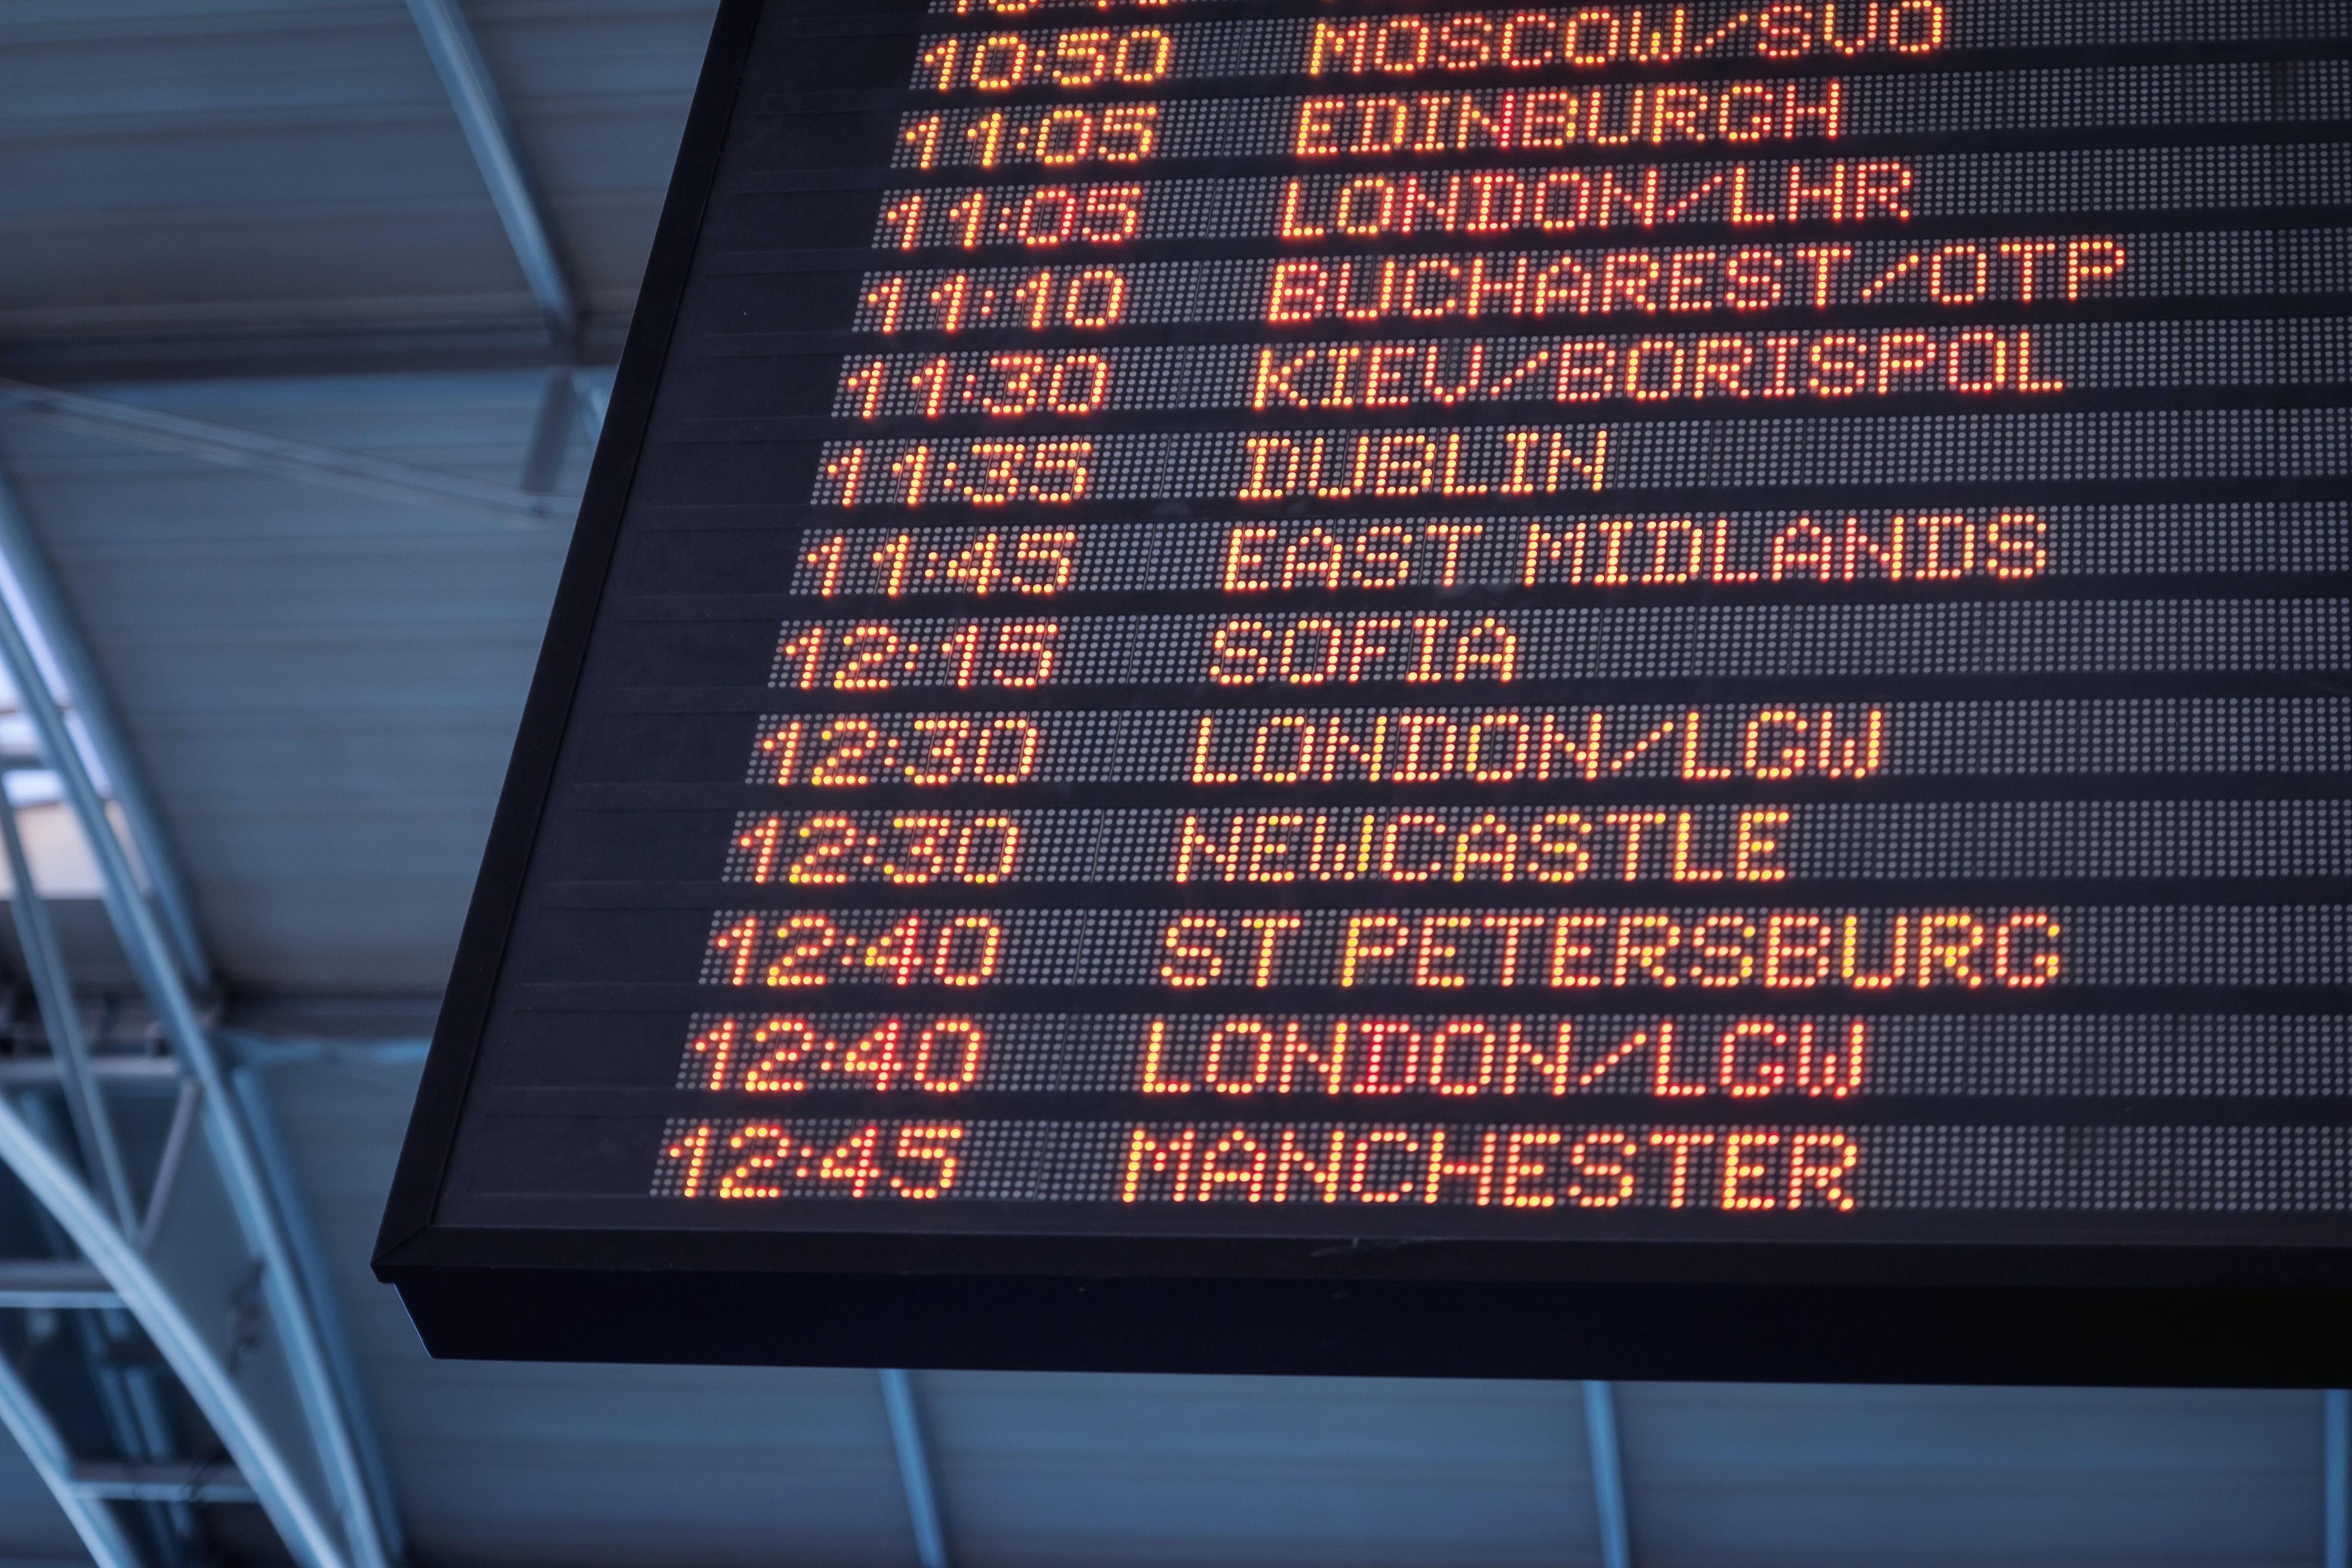 Prețurile biletelor de avion ar putea crește cu 50% din cauza măsurilor de distanțare impuse la bord